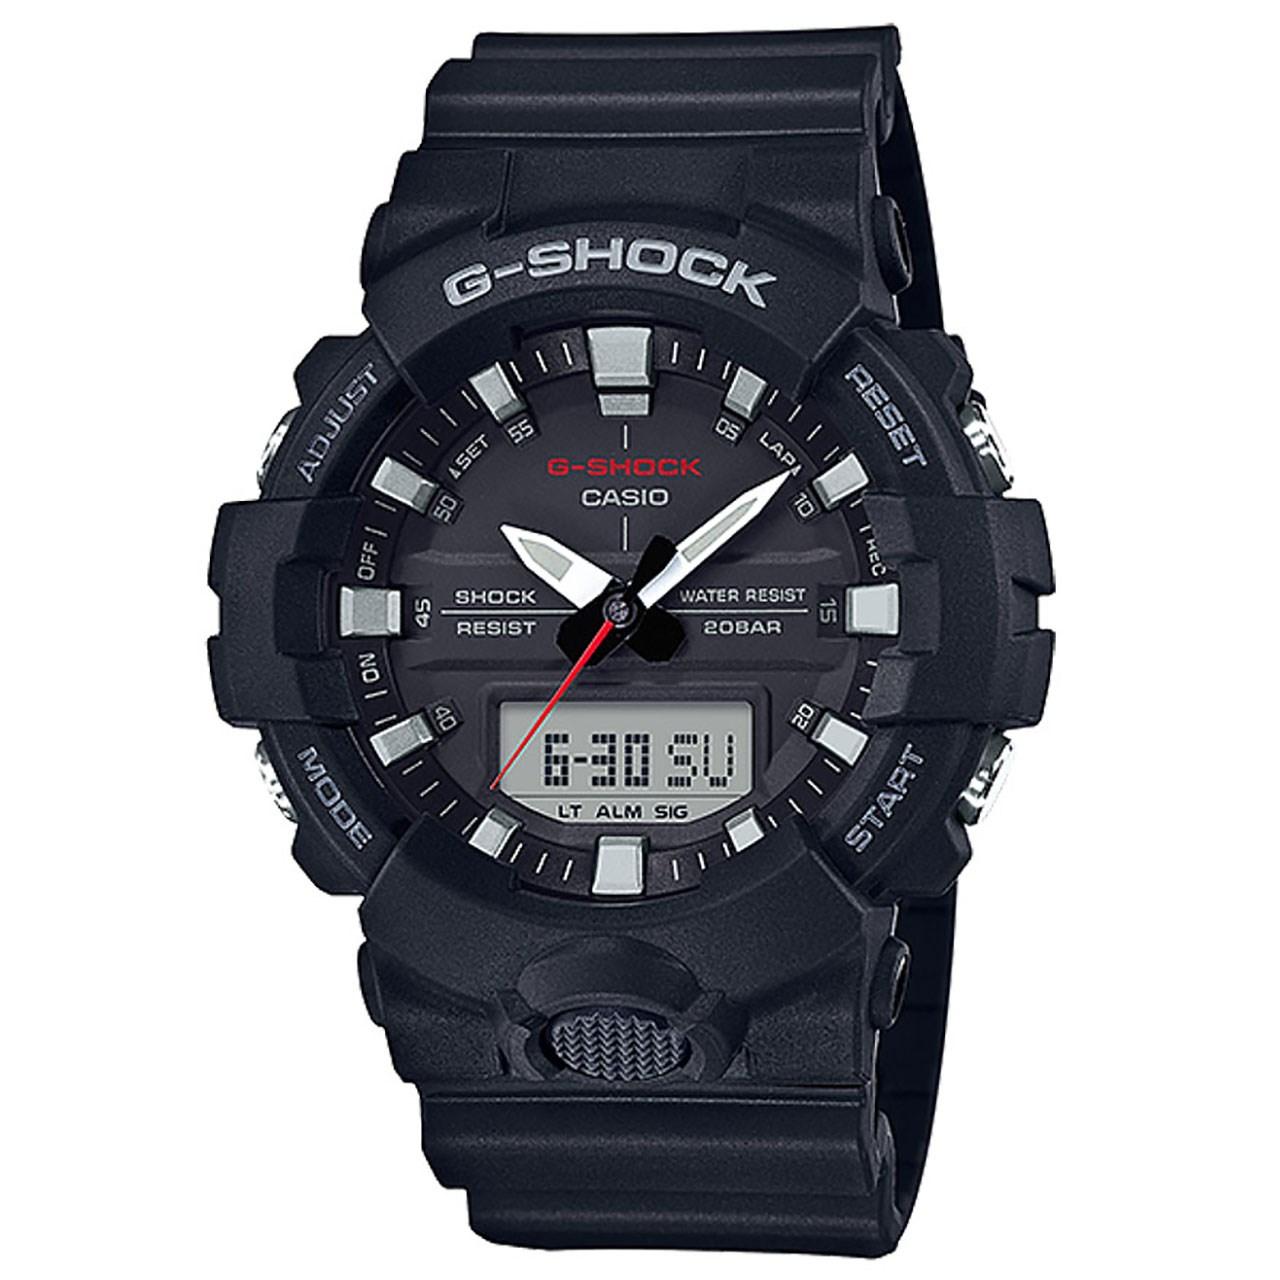 ساعت   کاسیو جی شاک  مدل GA-800-1ADR